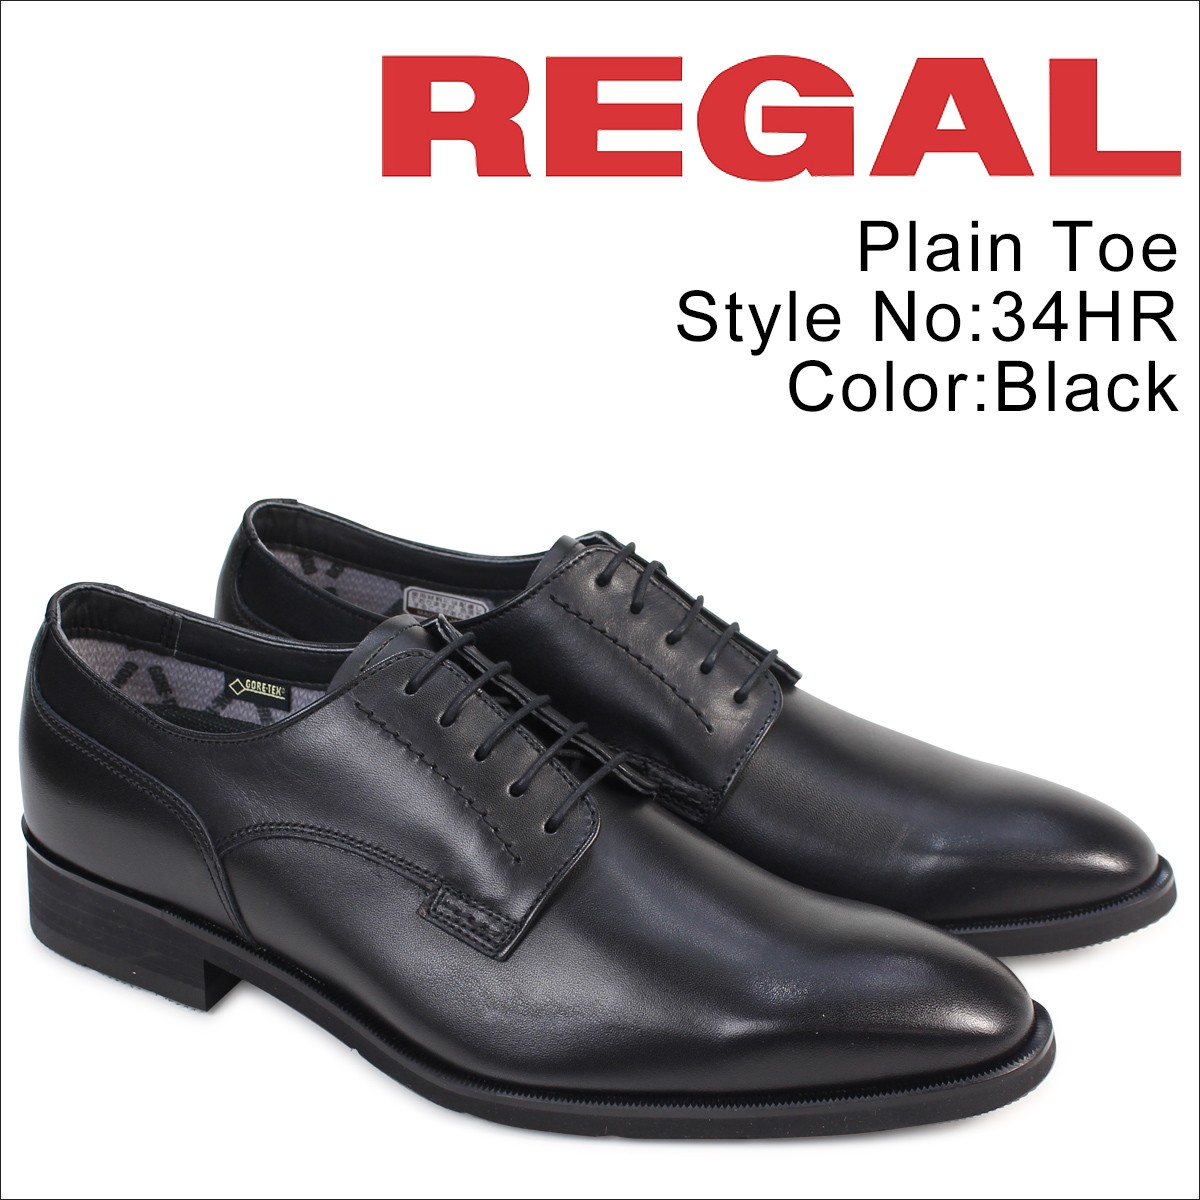 リーガル 靴 メンズ ビジネスシューズ REGAL プレーントゥ 34HR BB 防水 日本製 ブラック [5/9 追加入荷]